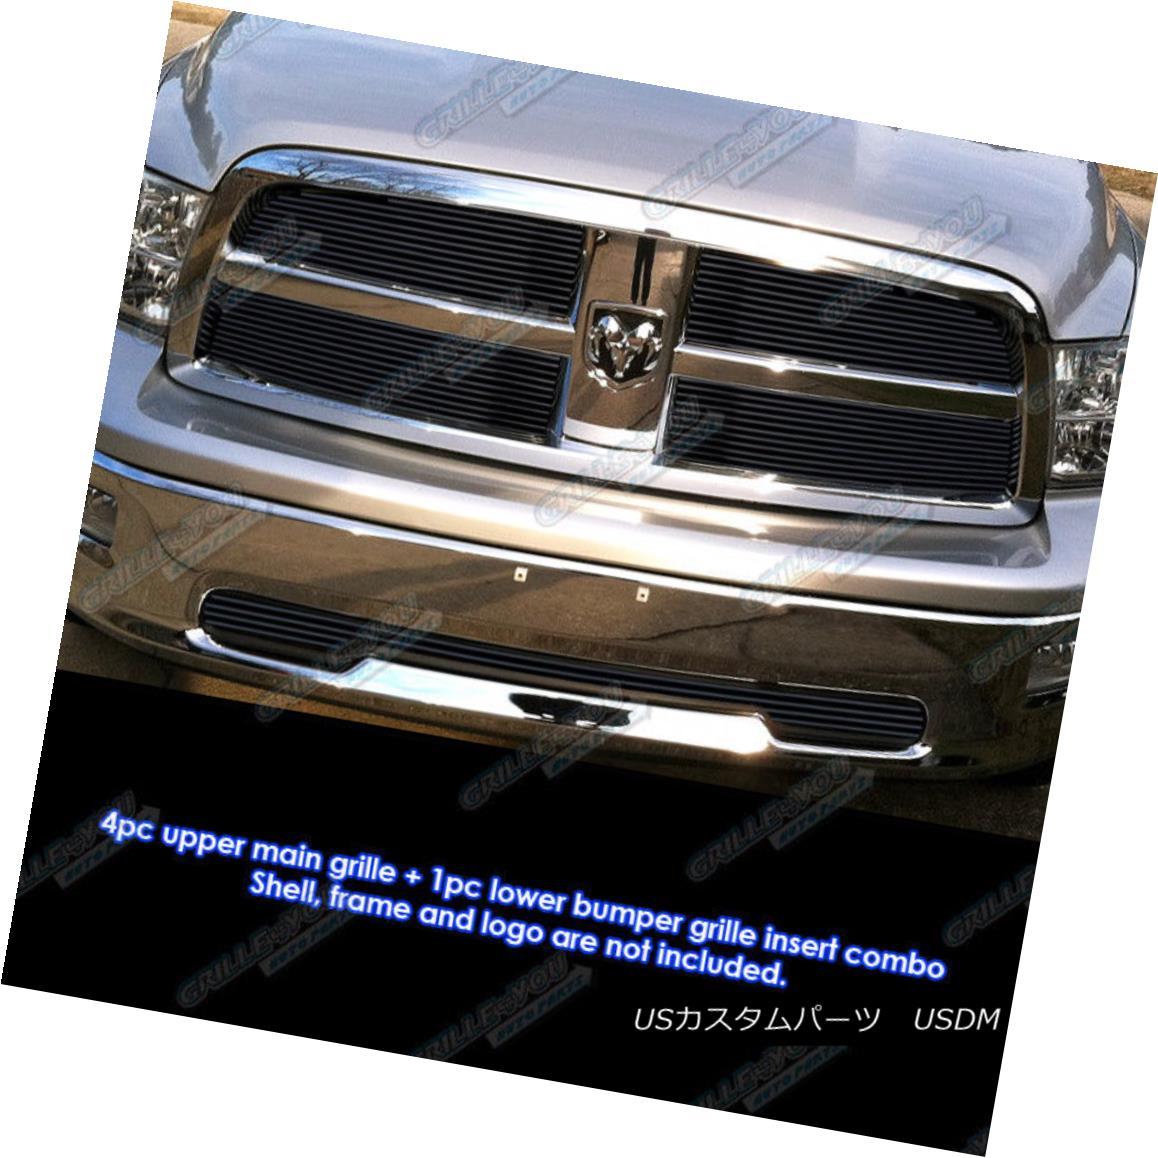 グリル For 2009-2012 Dodge Ram 1500 Regular Model Black Billet Grille Combo Pack 2009-2012ダッジラム1500レギュラーモデルブラックビレットグリルコンボパック